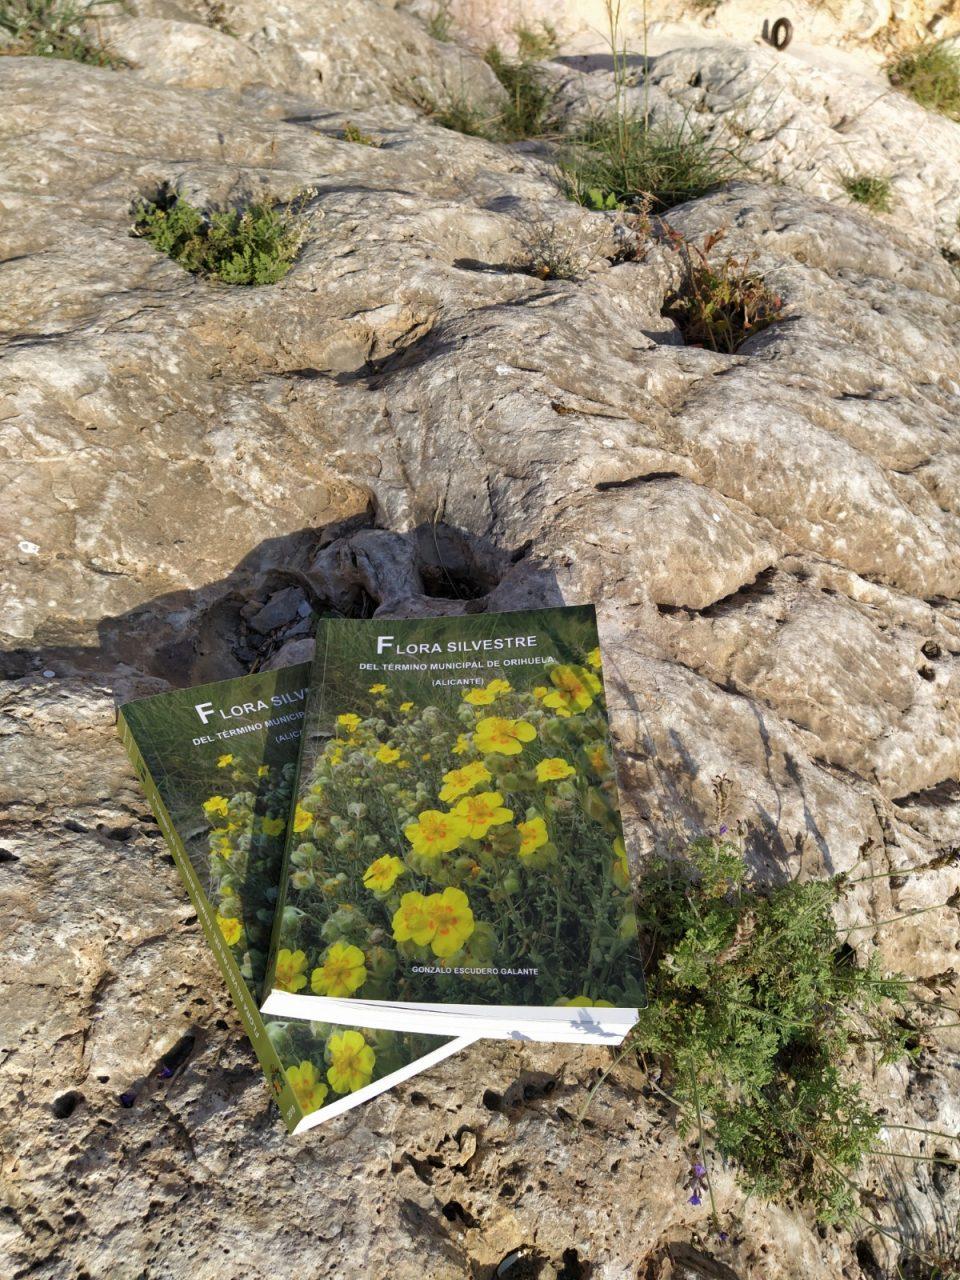 Medio Ambiente edita el libro 'Flora Silvestre del Término Municipal de Orihuela' 6